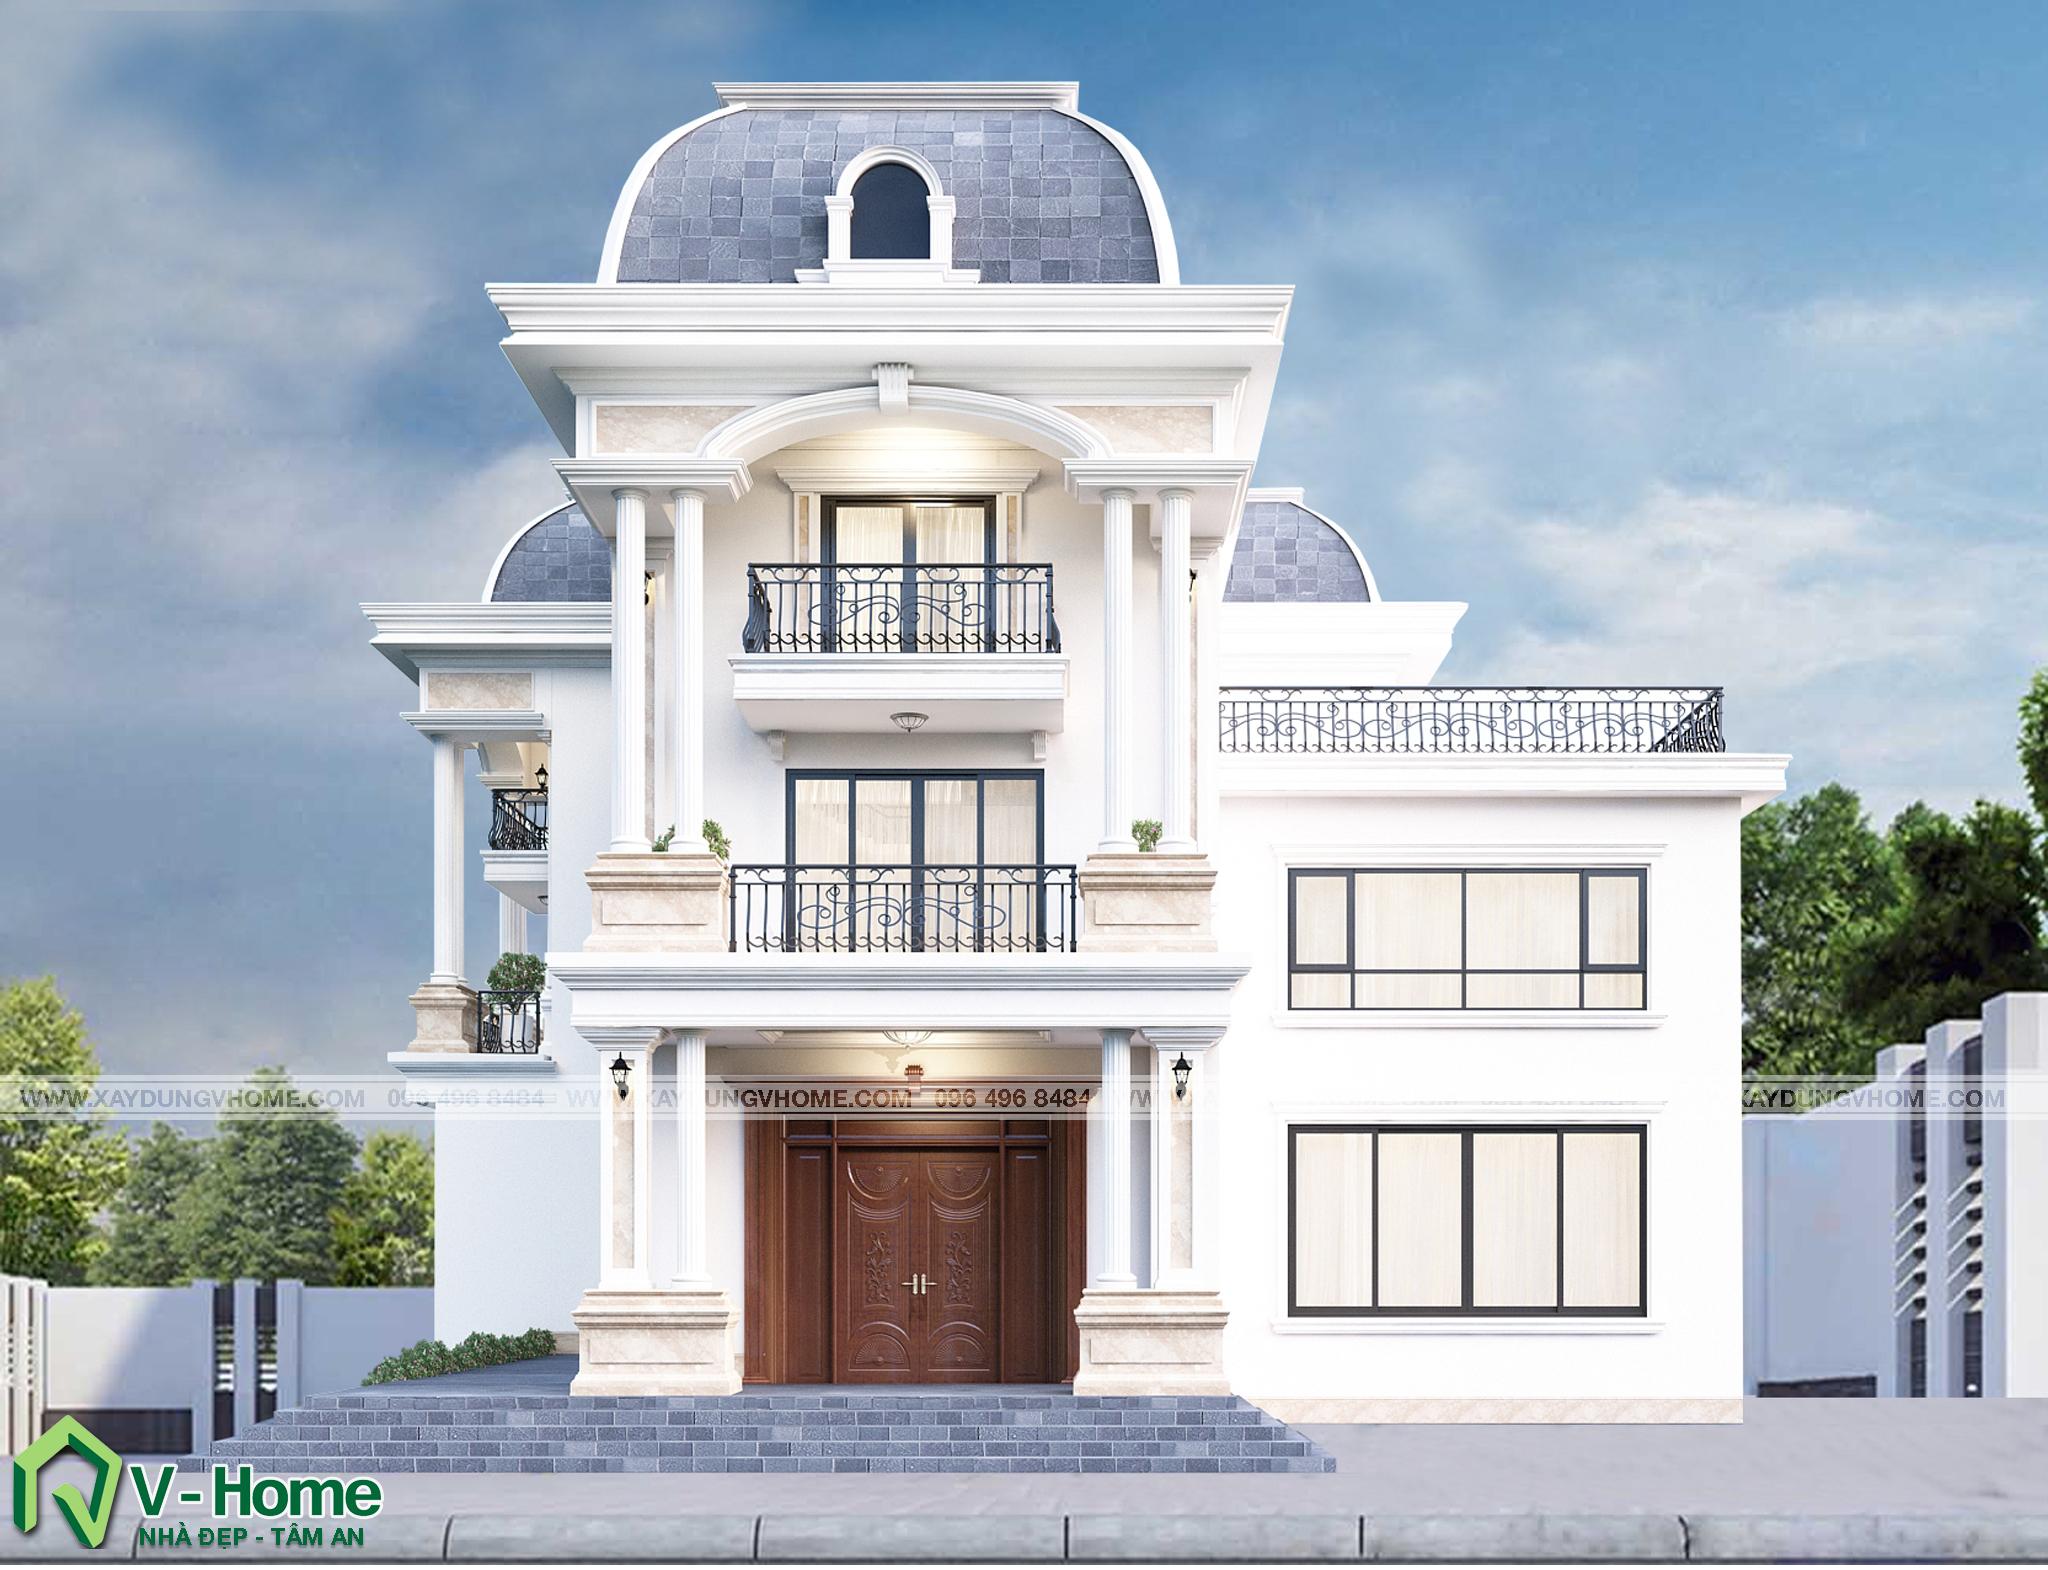 thiet-ke-biet-thu-tran-co-dien-2 Thiết kế Biệt thự tân cổ điển tại Bắc Ninh - C. Trang